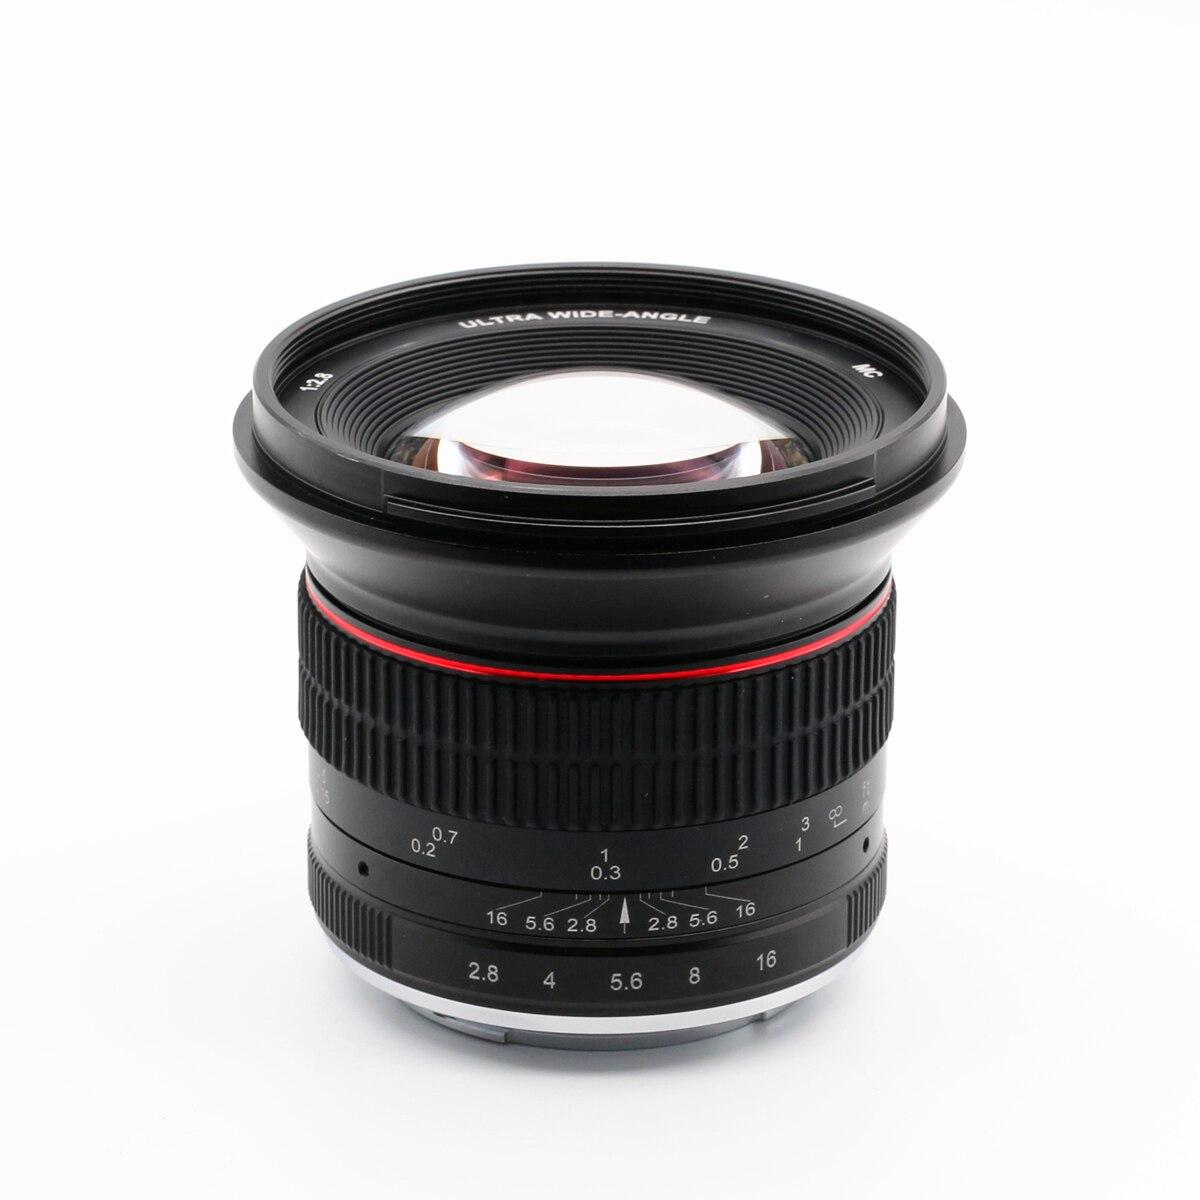 Objectif de EF-M manuel grand Angle 12mm f/2.8 pour Canon EOS M M2 M3 M5 M6 M10 M50 M100 Kiss M EOSM 12mm F2.8